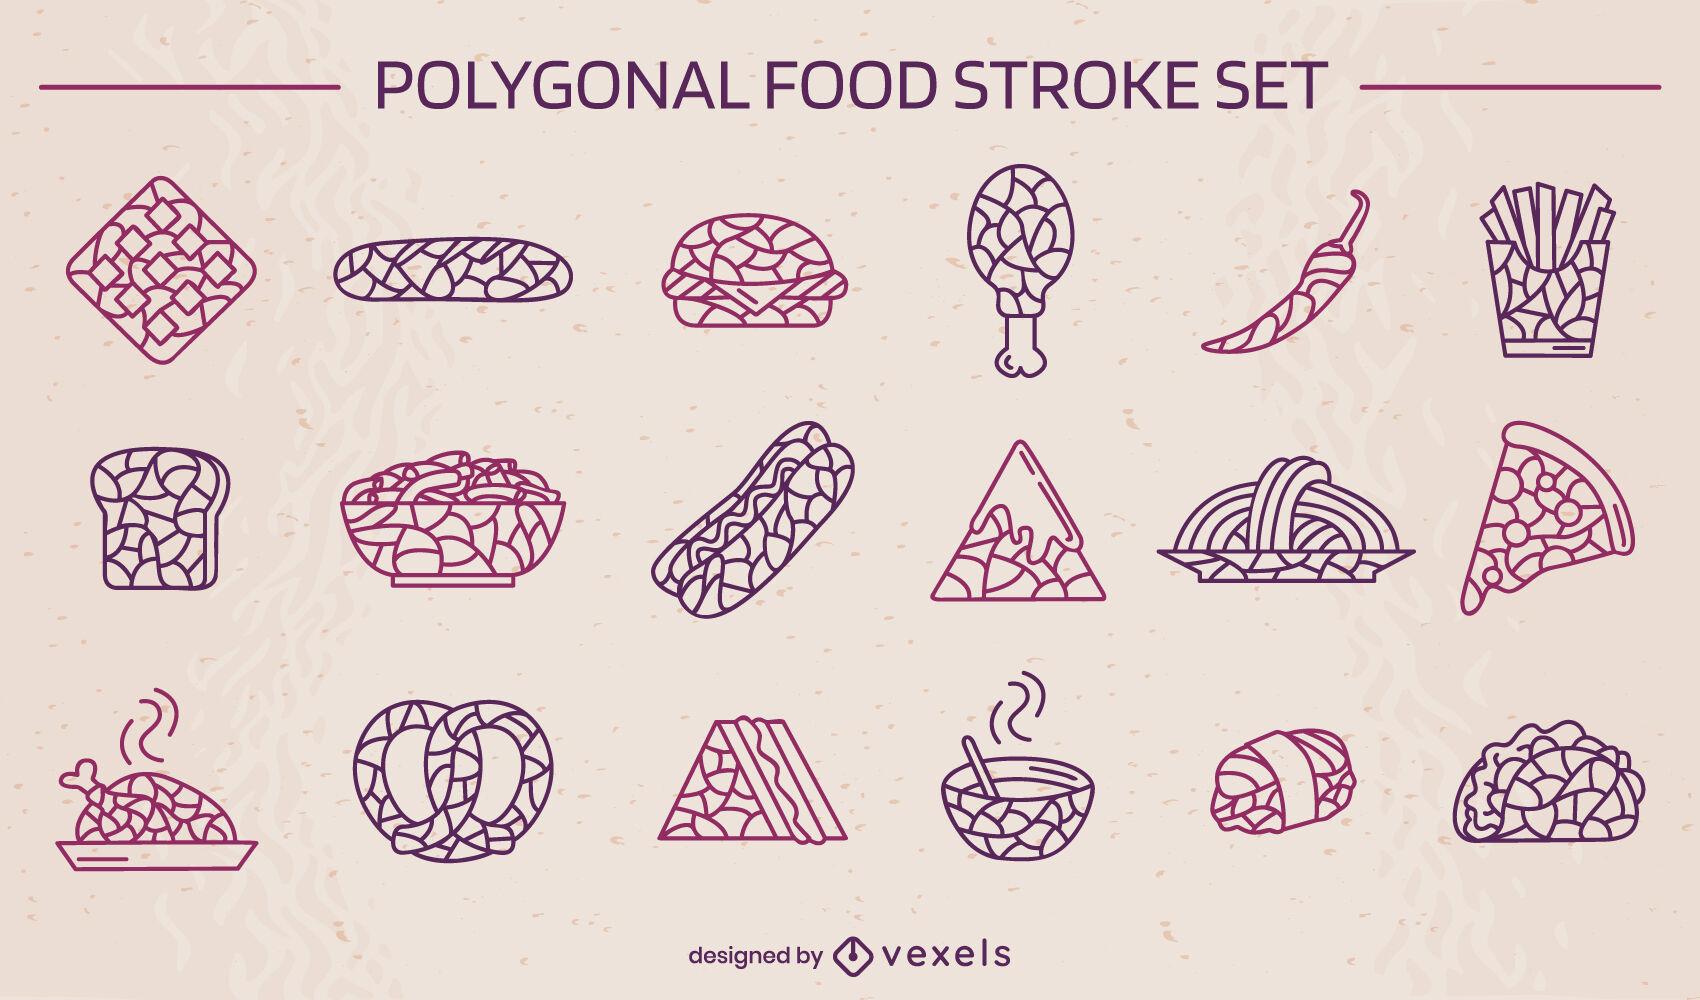 Conjunto de trazos de comida rápida poligonal